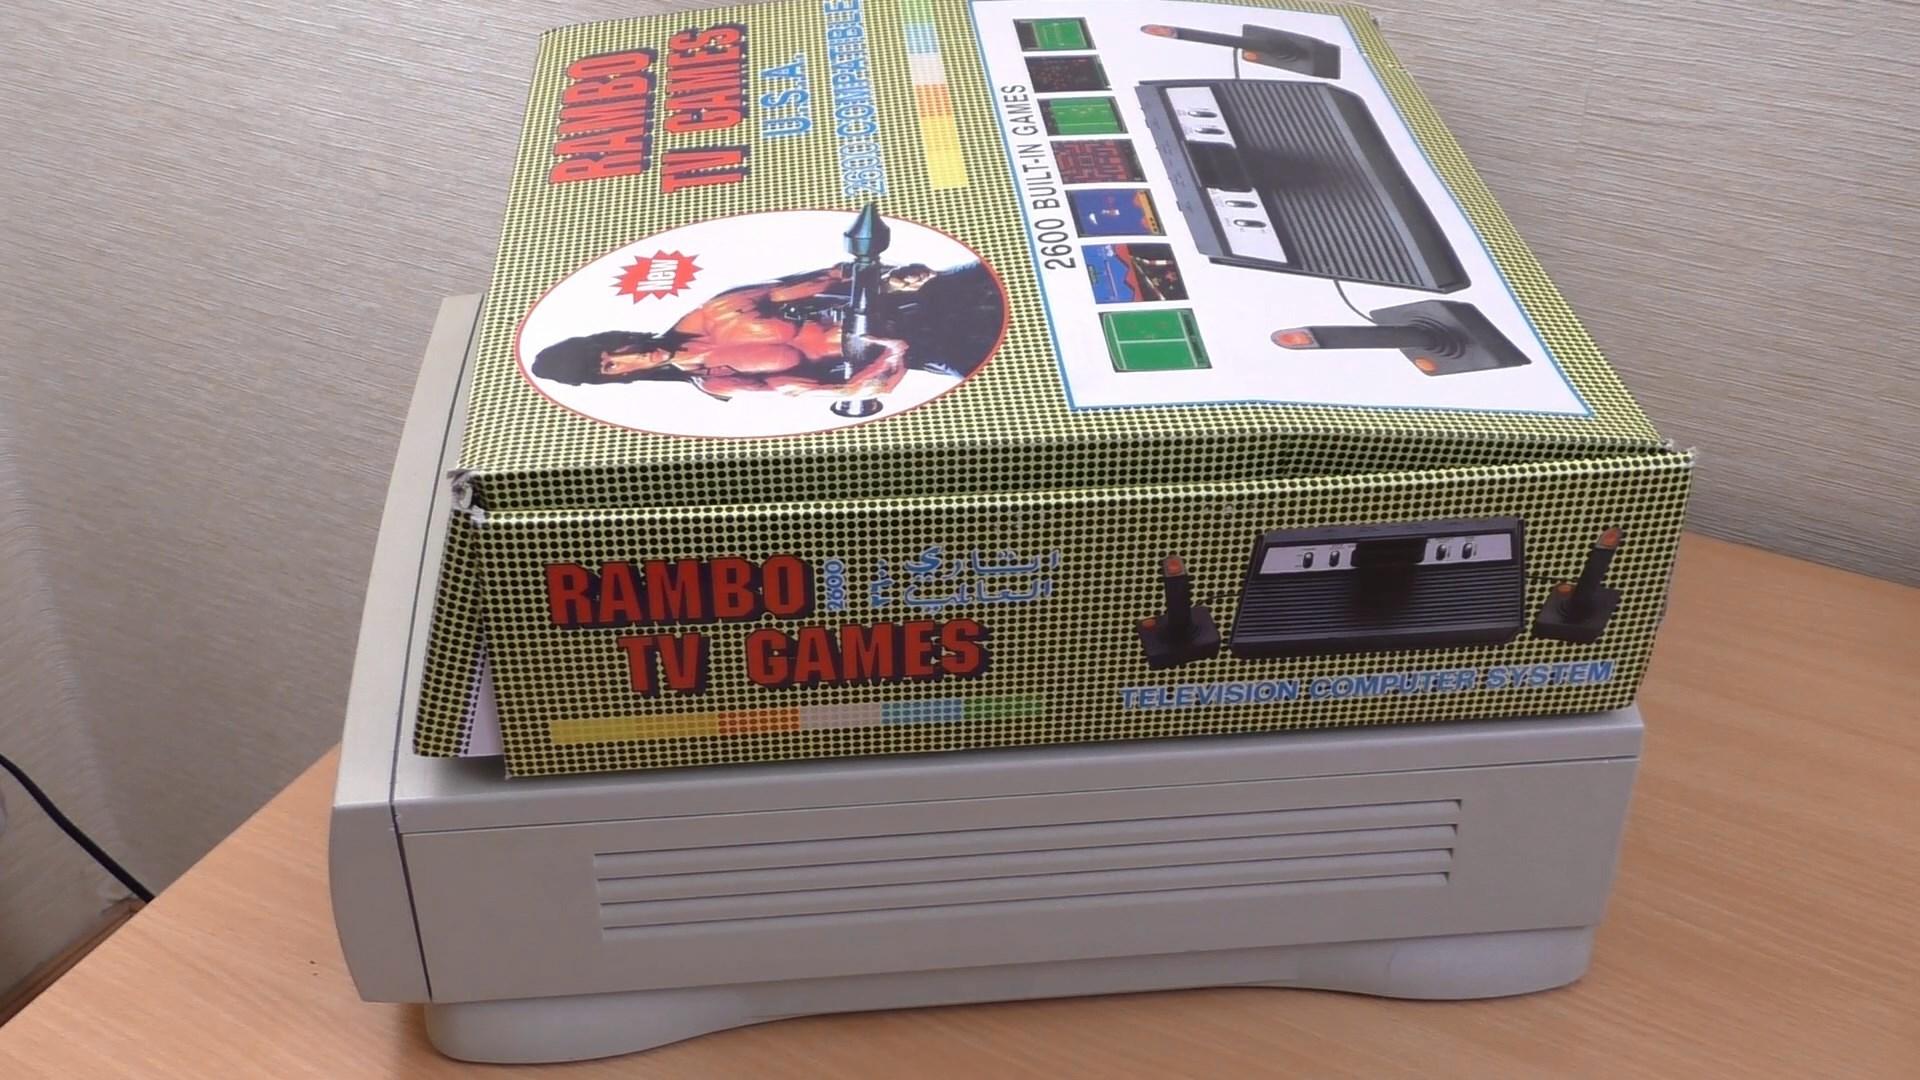 Rambo TV Games (Atari 2600) [статья с кучей фото и капелькой видео] - 3